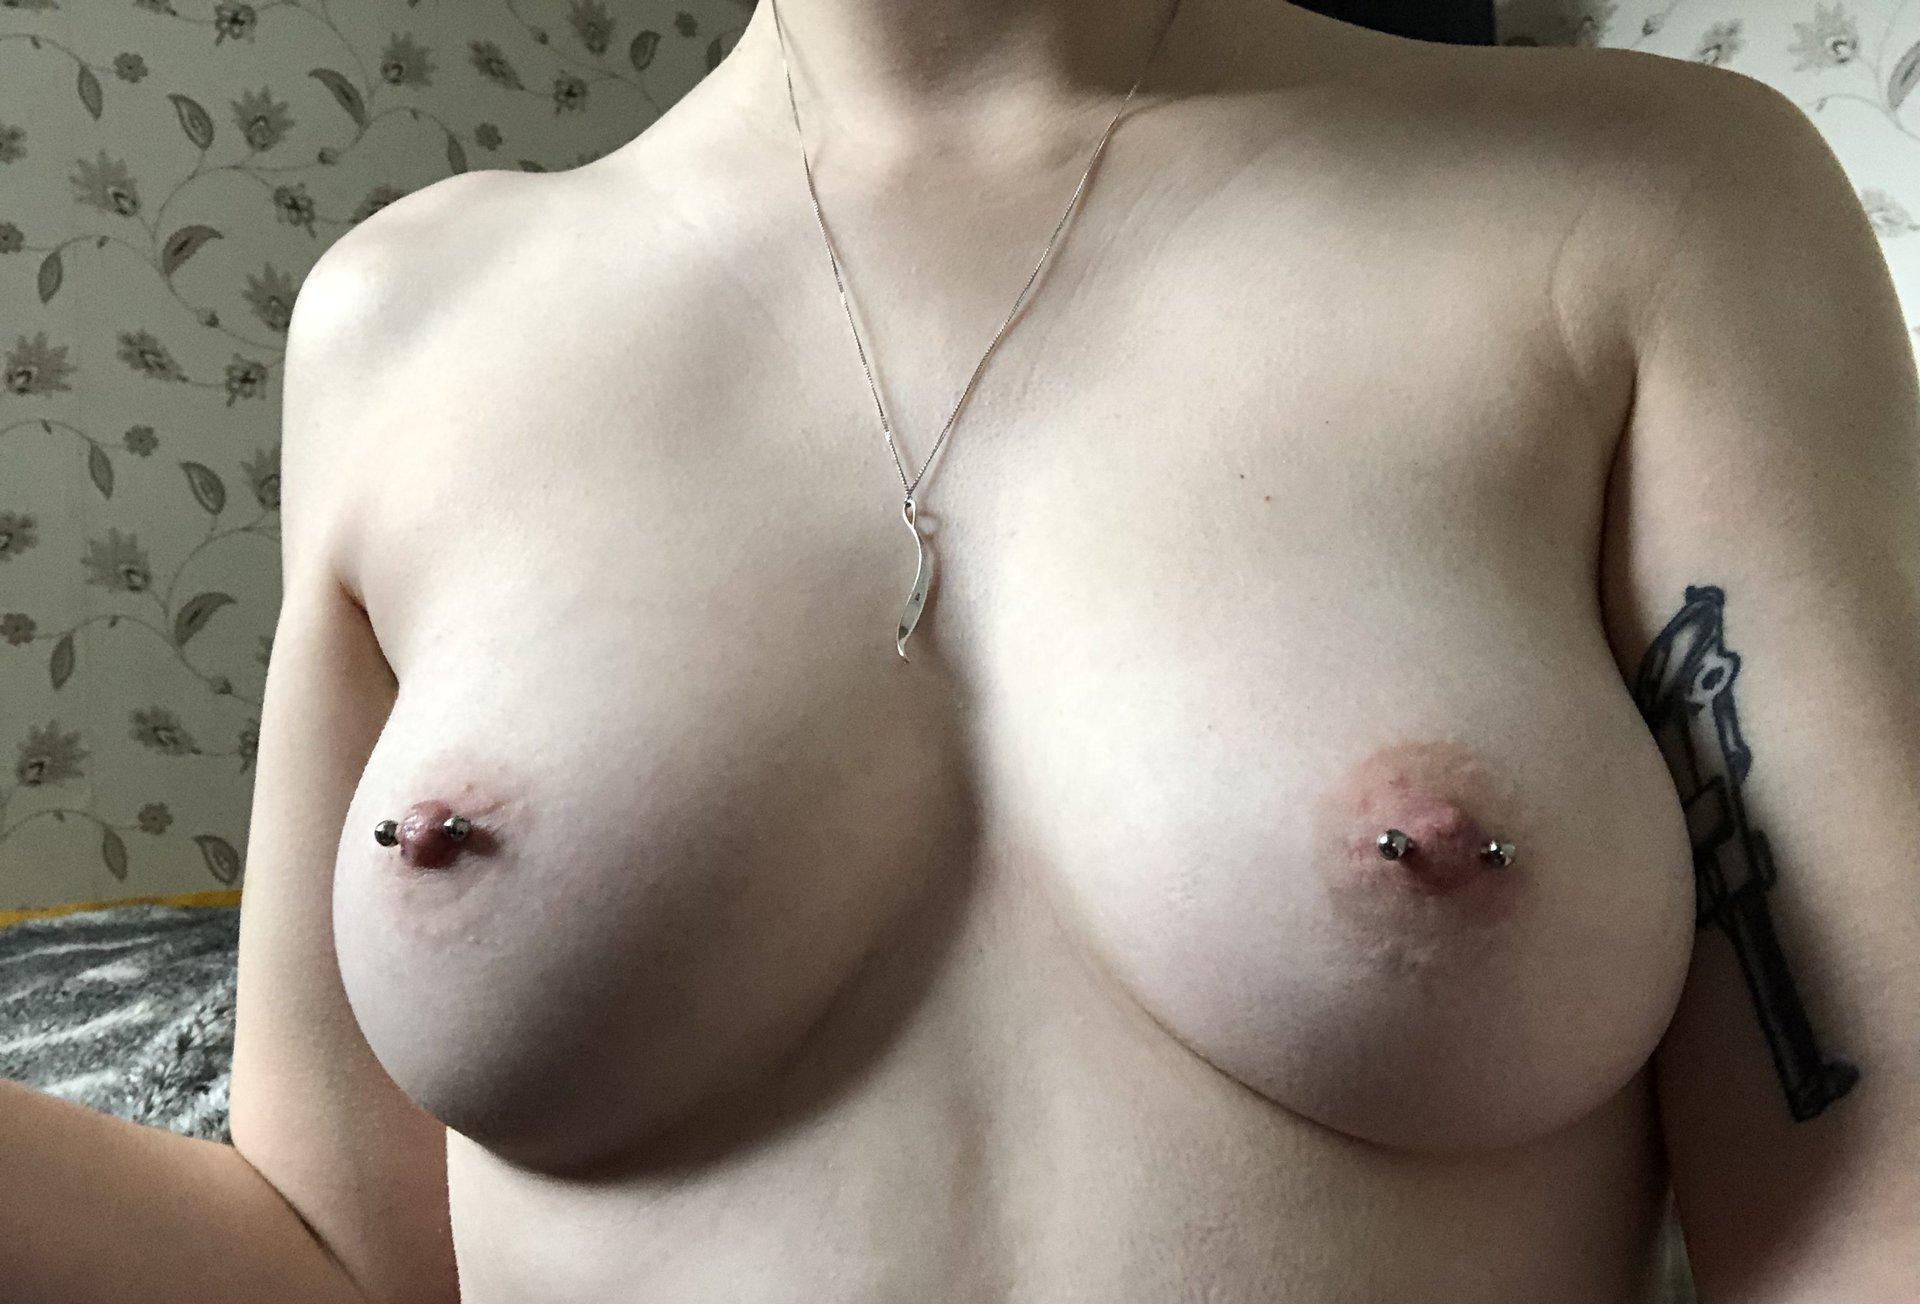 Net Hoe Net Hoe Onlyfans Nude Leaks 0019